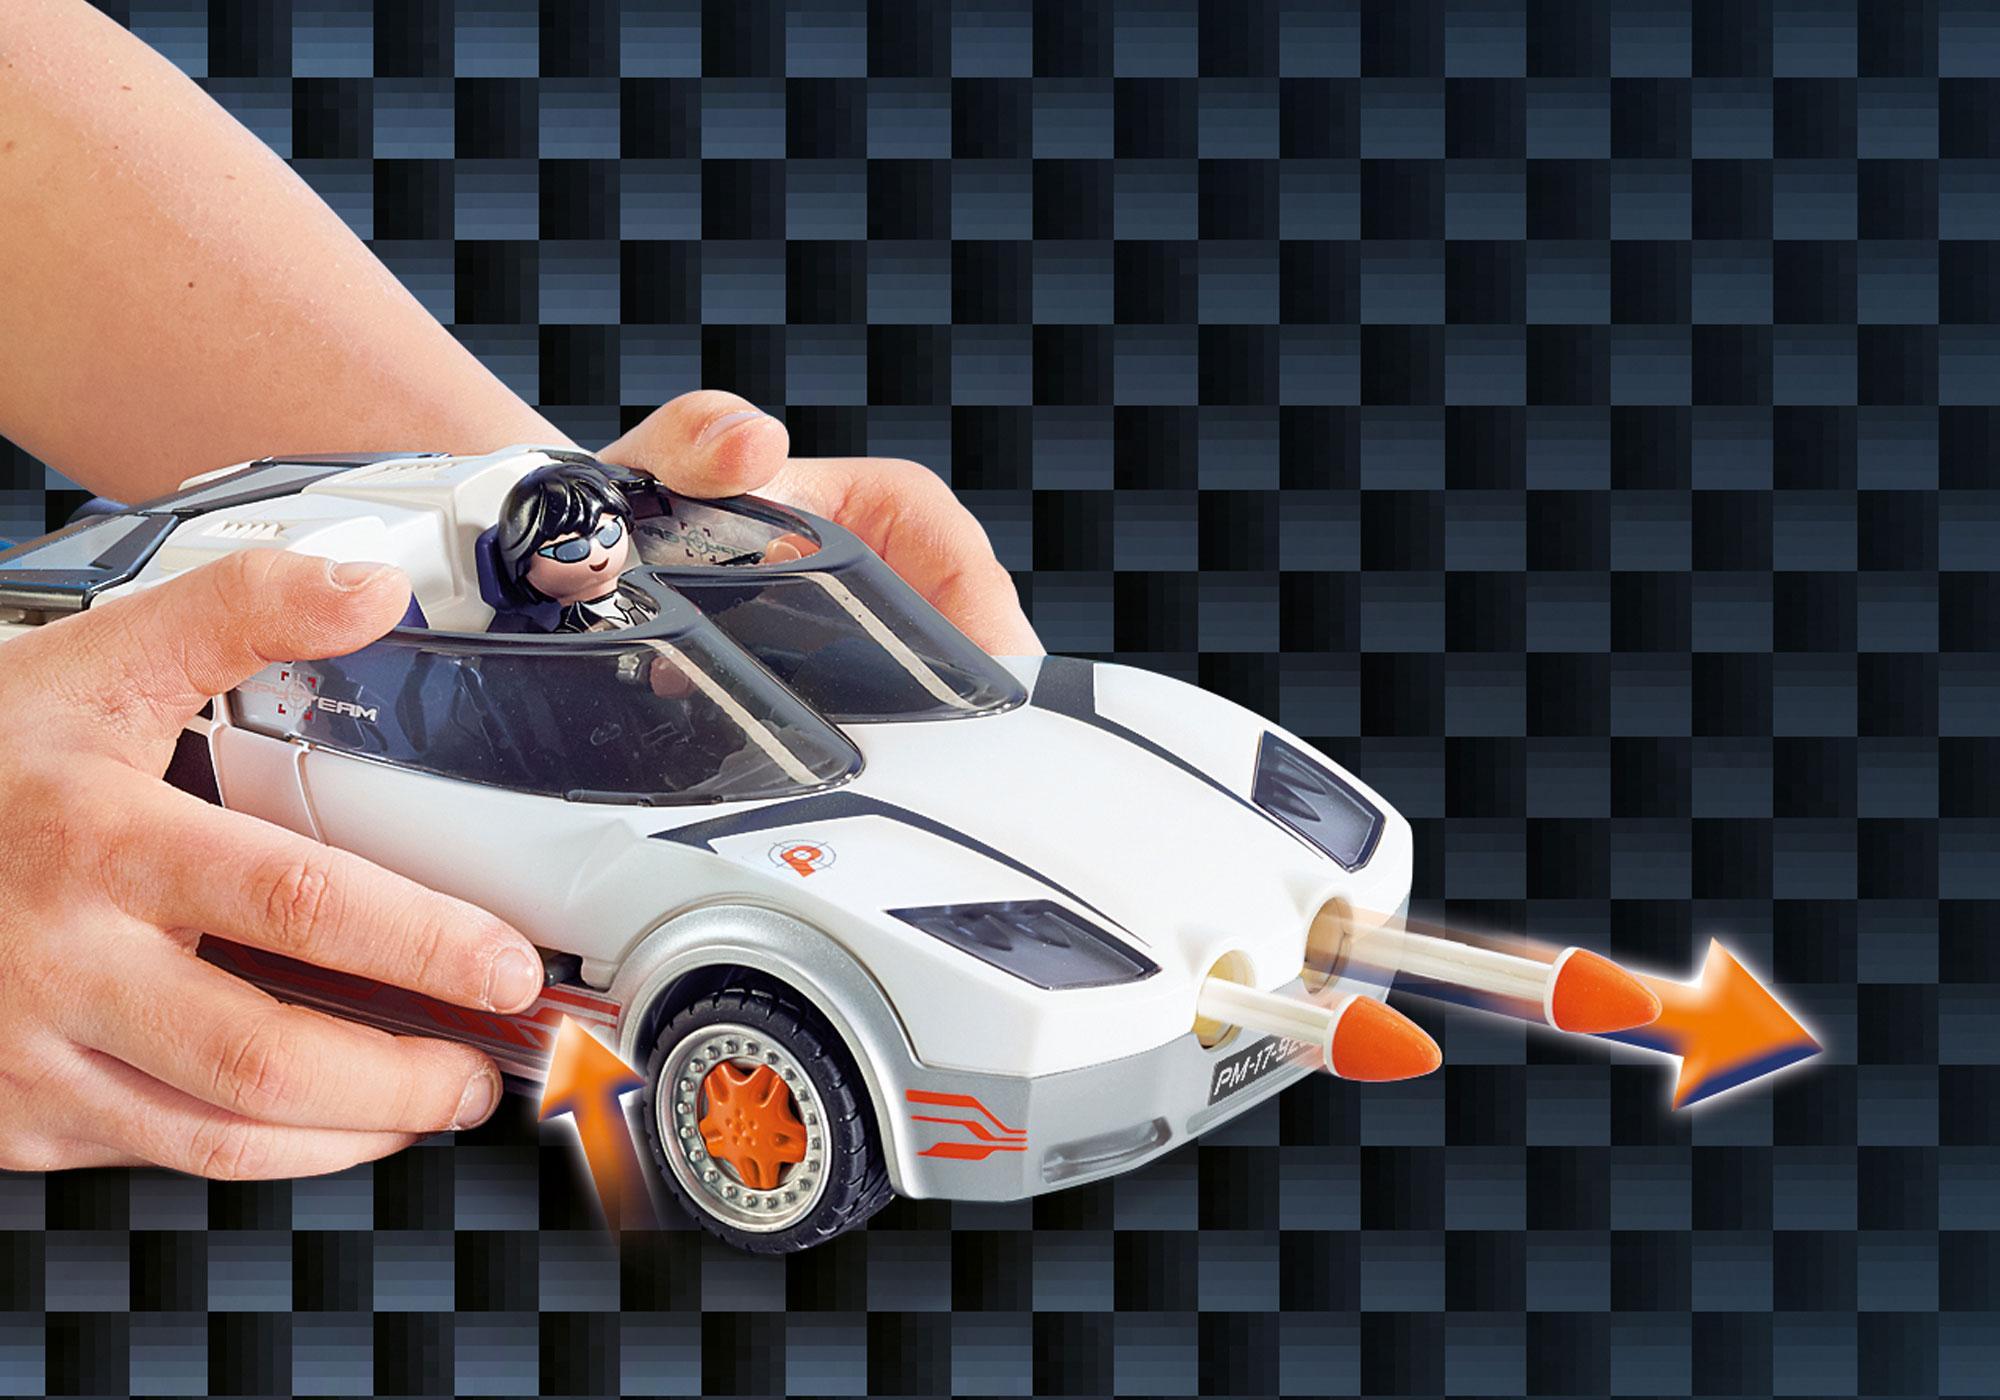 http://media.playmobil.com/i/playmobil/9252_product_extra3/Agente Secreto com Racer